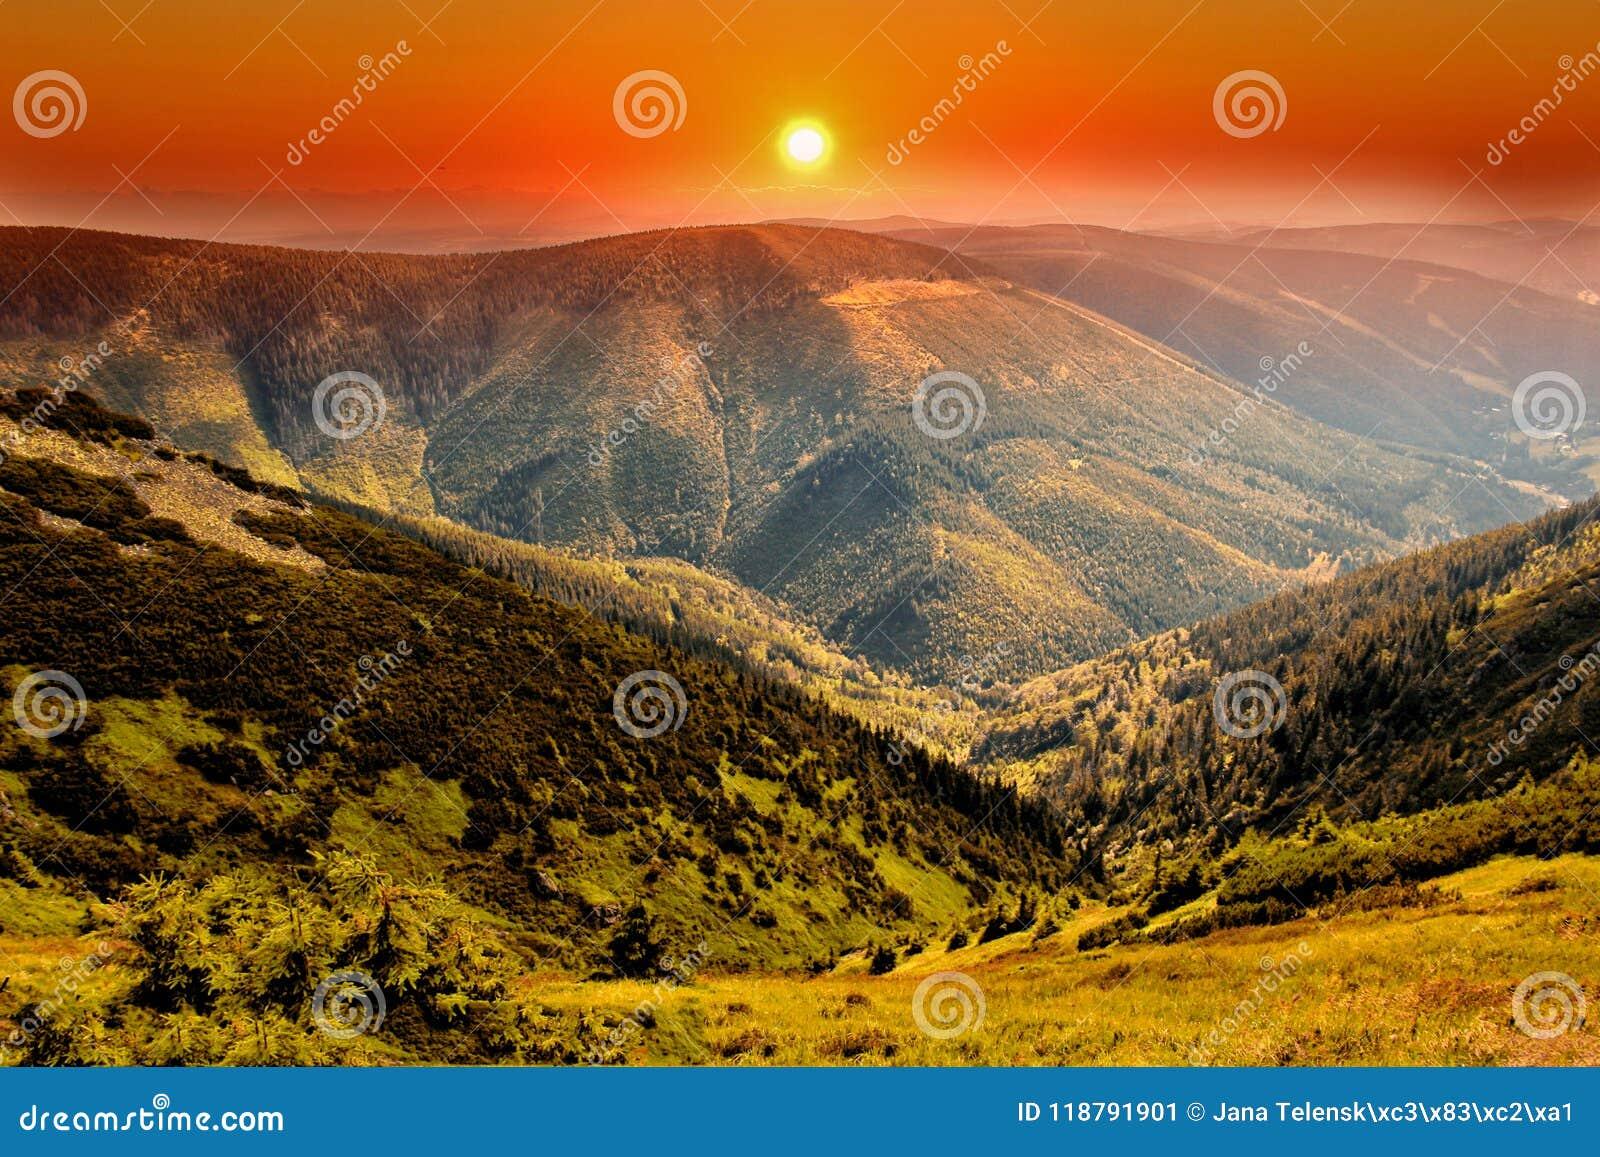 Национальный парк Krkonose hrbety- Kozi в чехии